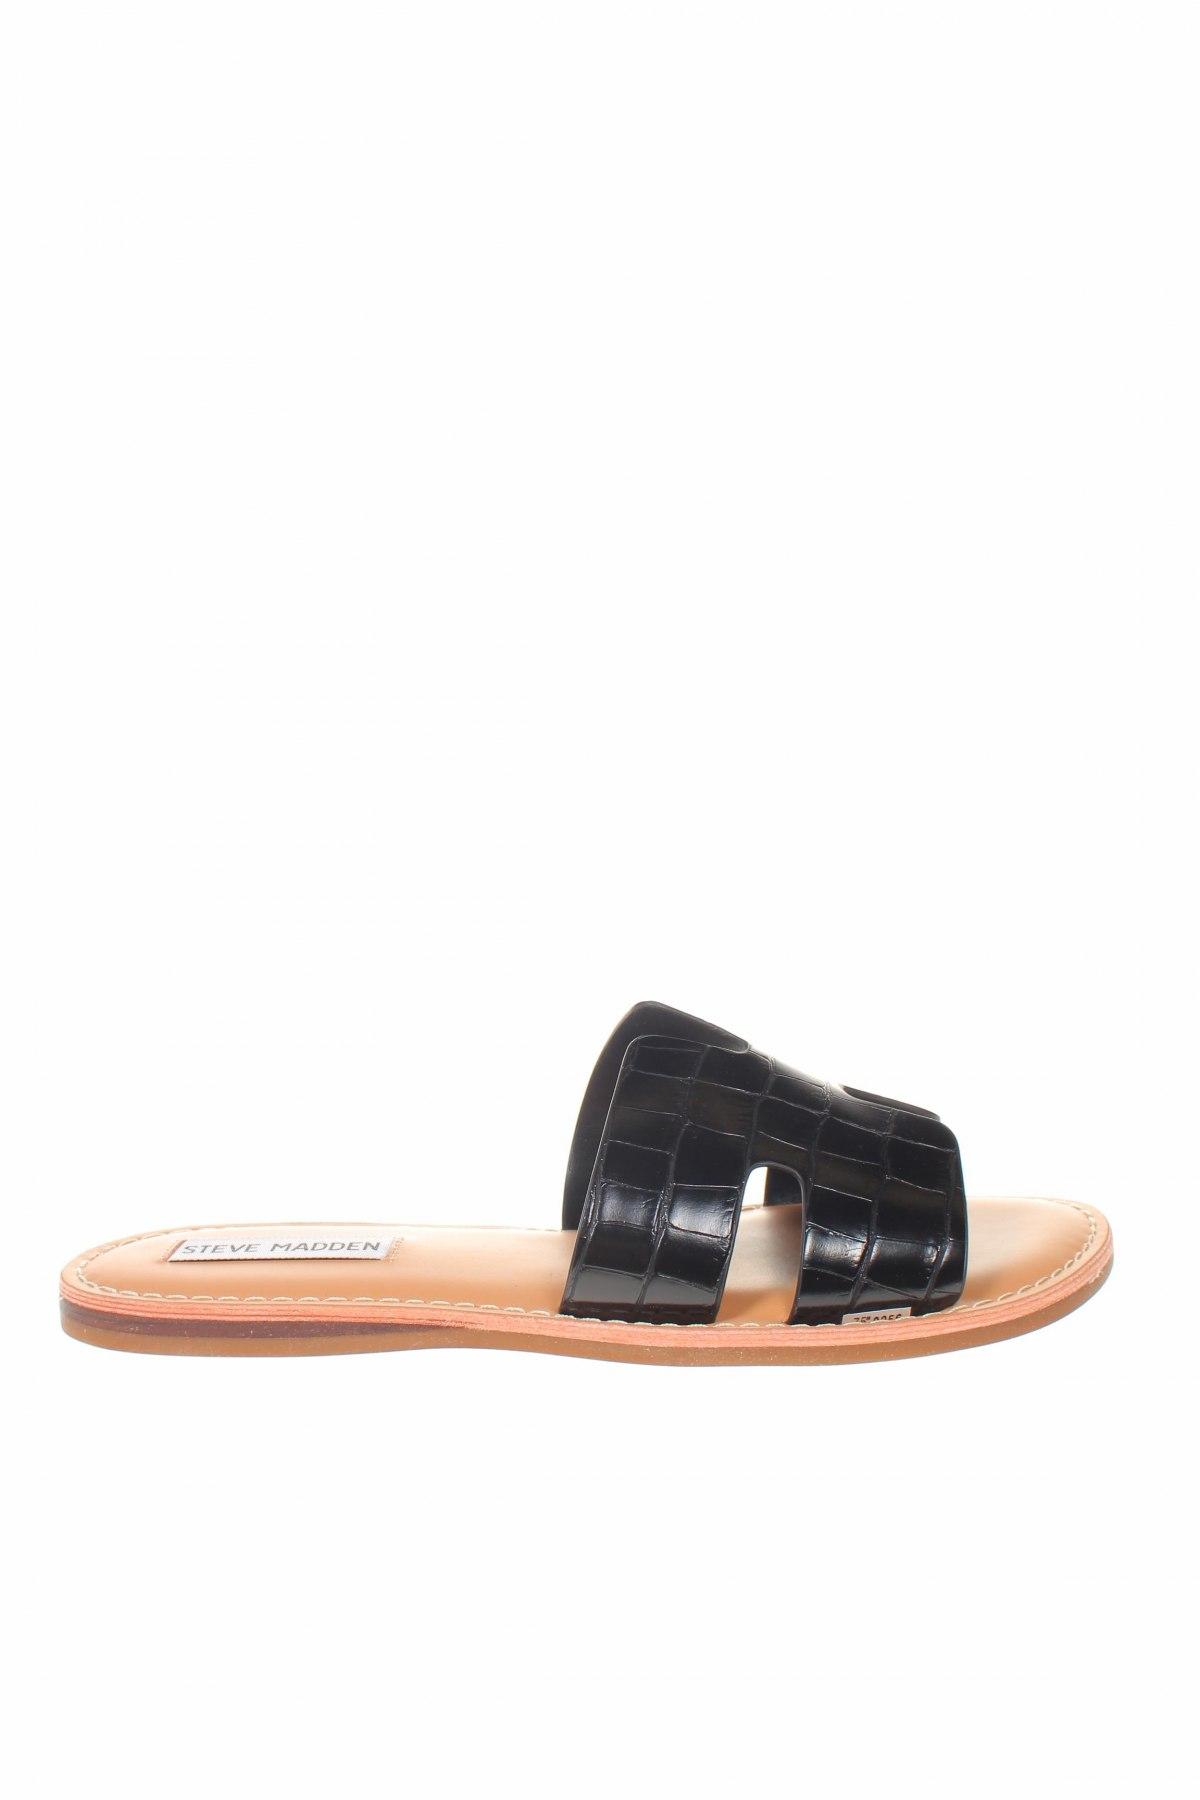 Γυναικείες παντόφλες Steve Madden, Μέγεθος 38, Χρώμα Μαύρο, Δερματίνη, Τιμή 36,88€